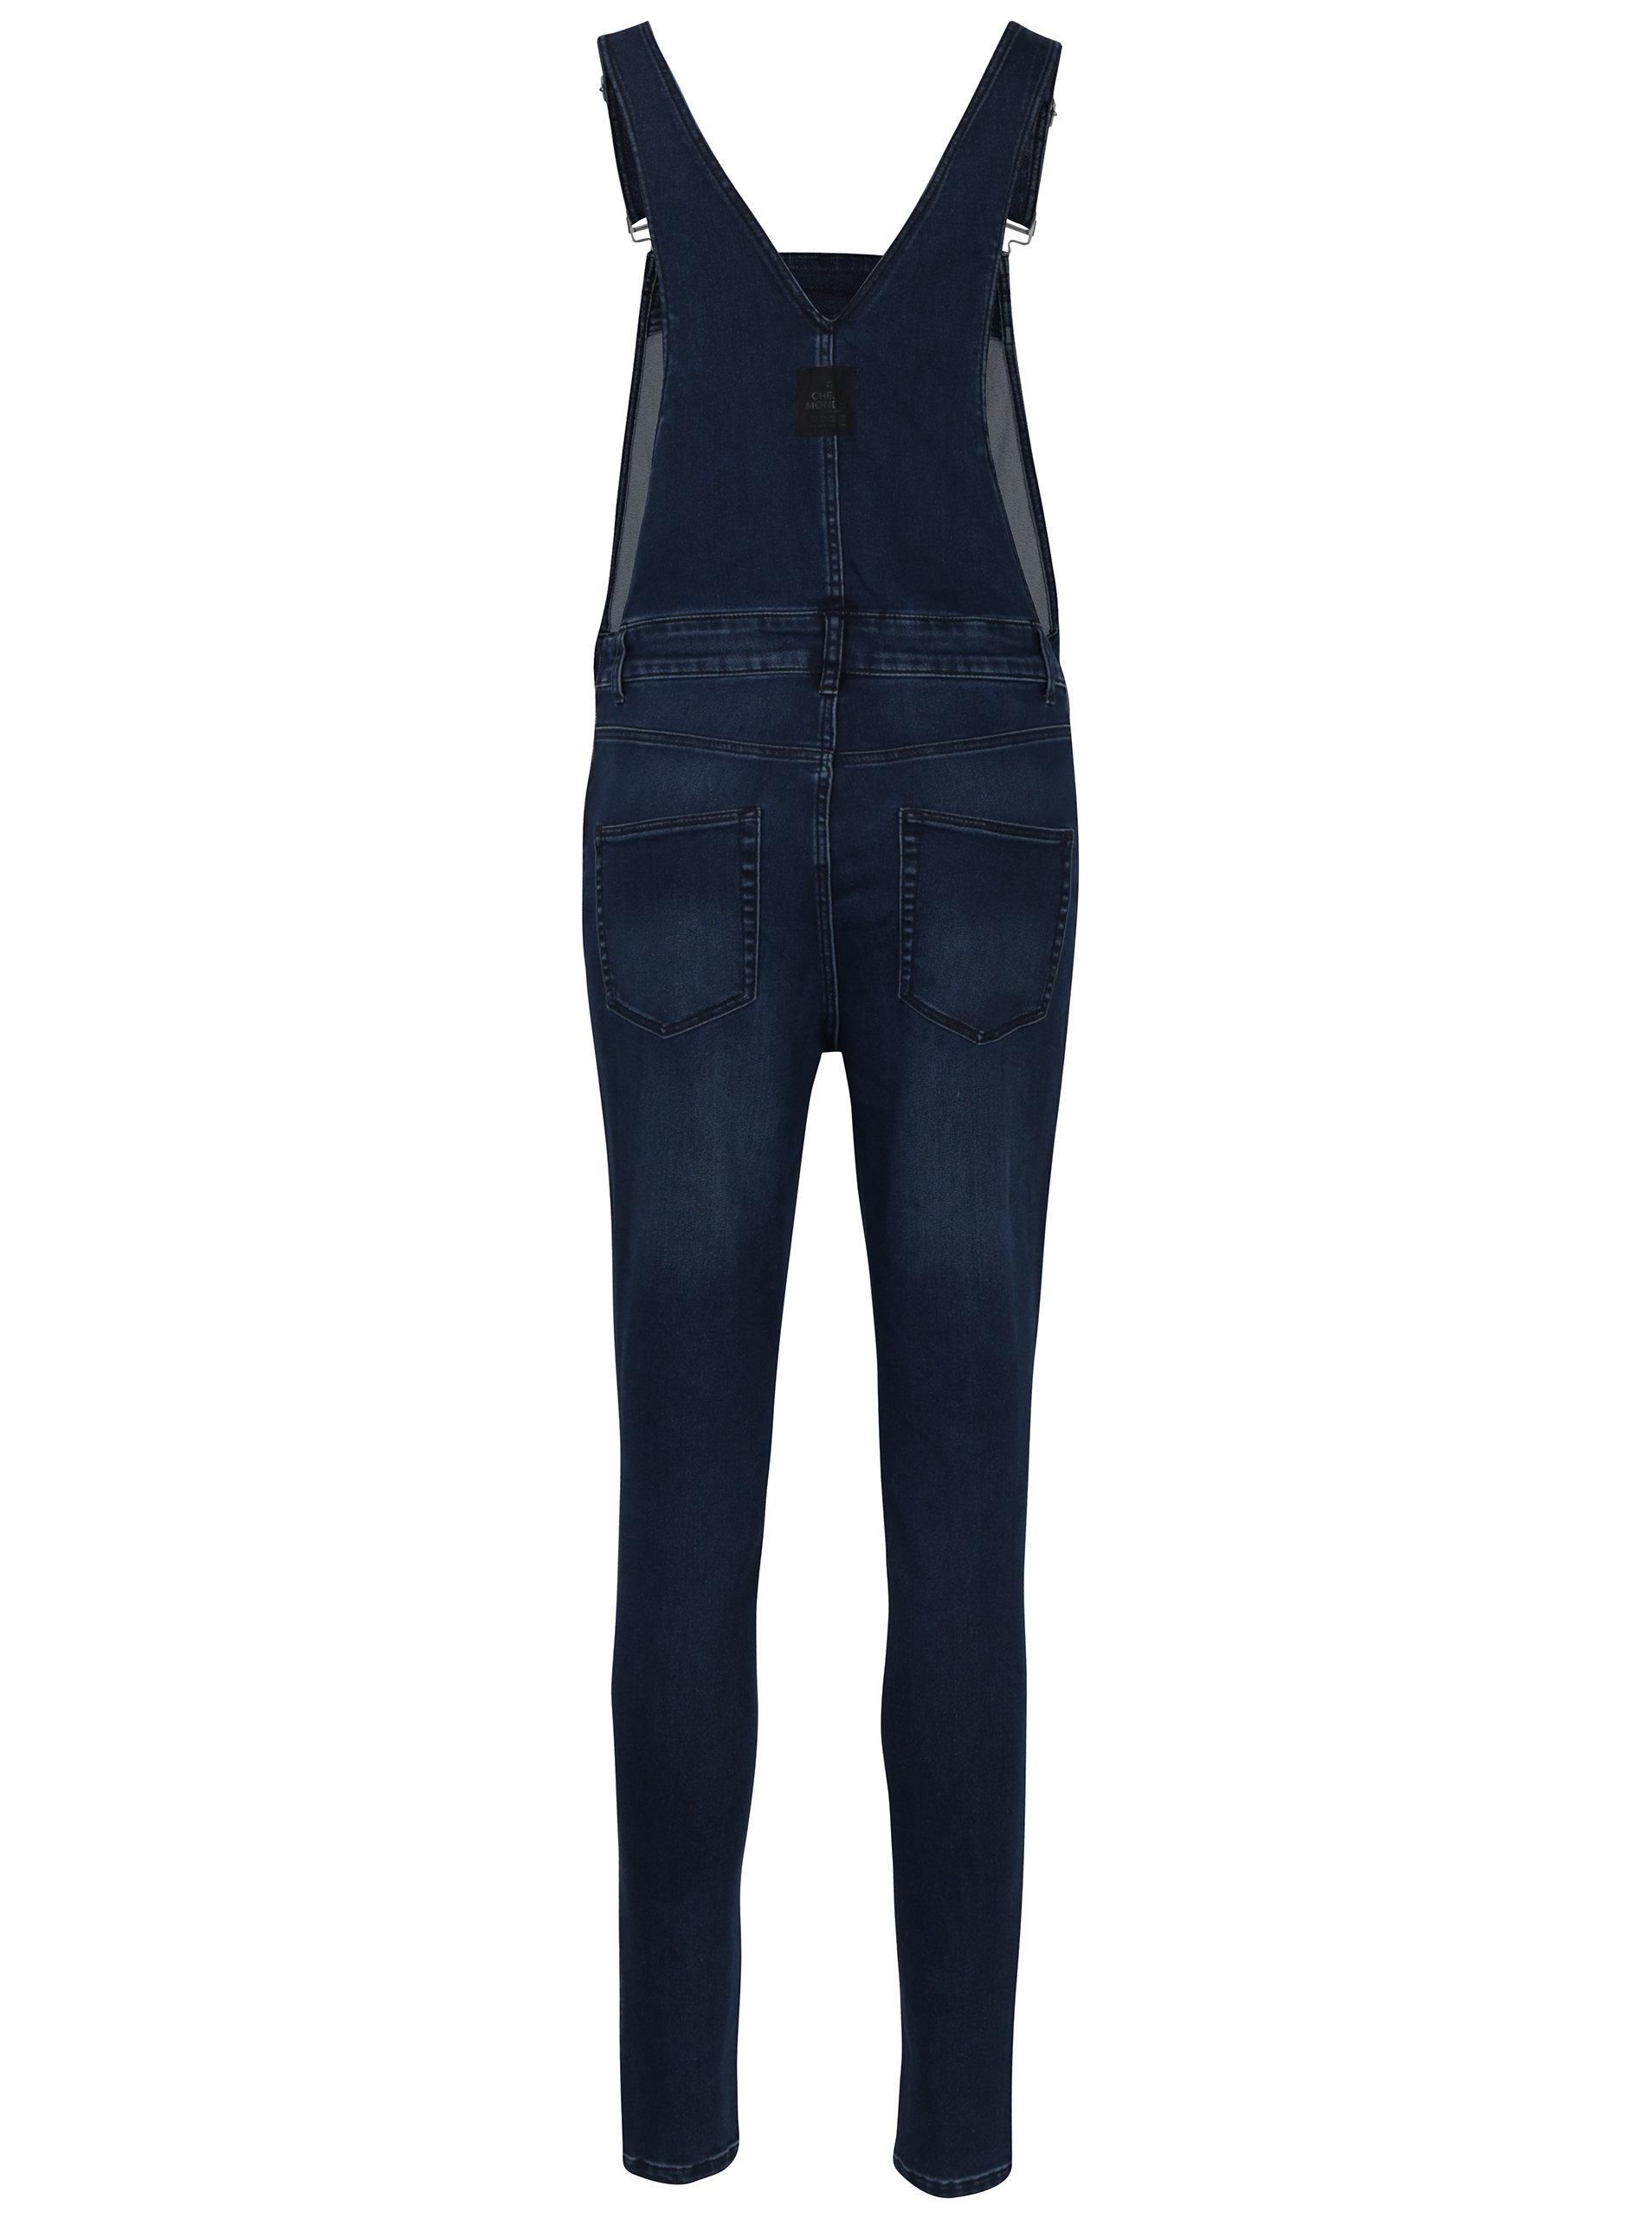 dd042ce742e0 Tmavomodré dámske rifľové trakové nohavice s vysokým pásom Cheap Monday ...